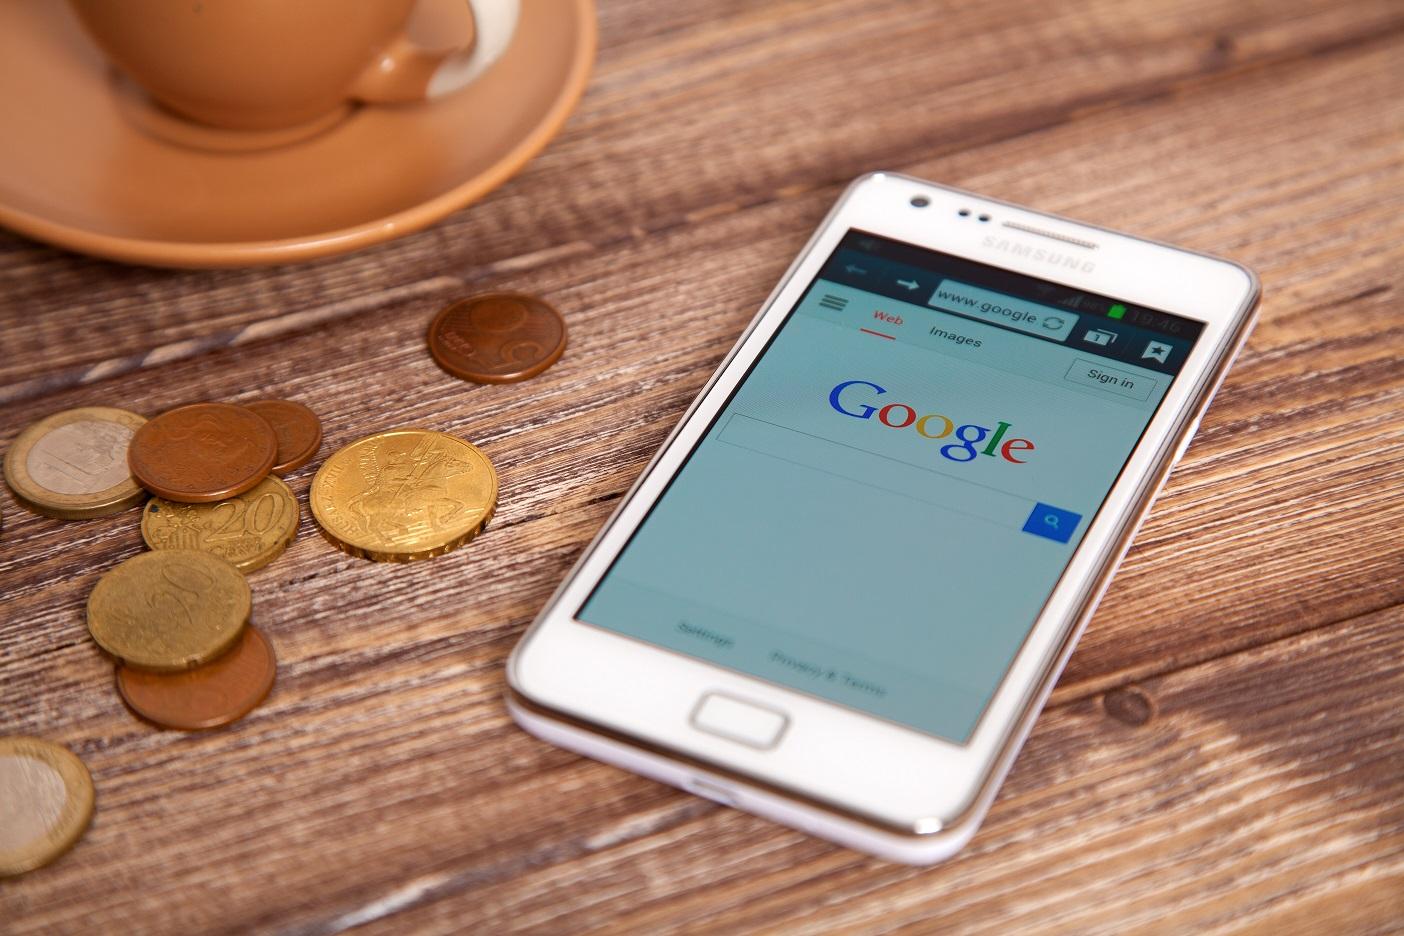 Les mutations de la recherche mobile : vers une hausse des requêtes verticales et « Apps spécifiques » ?